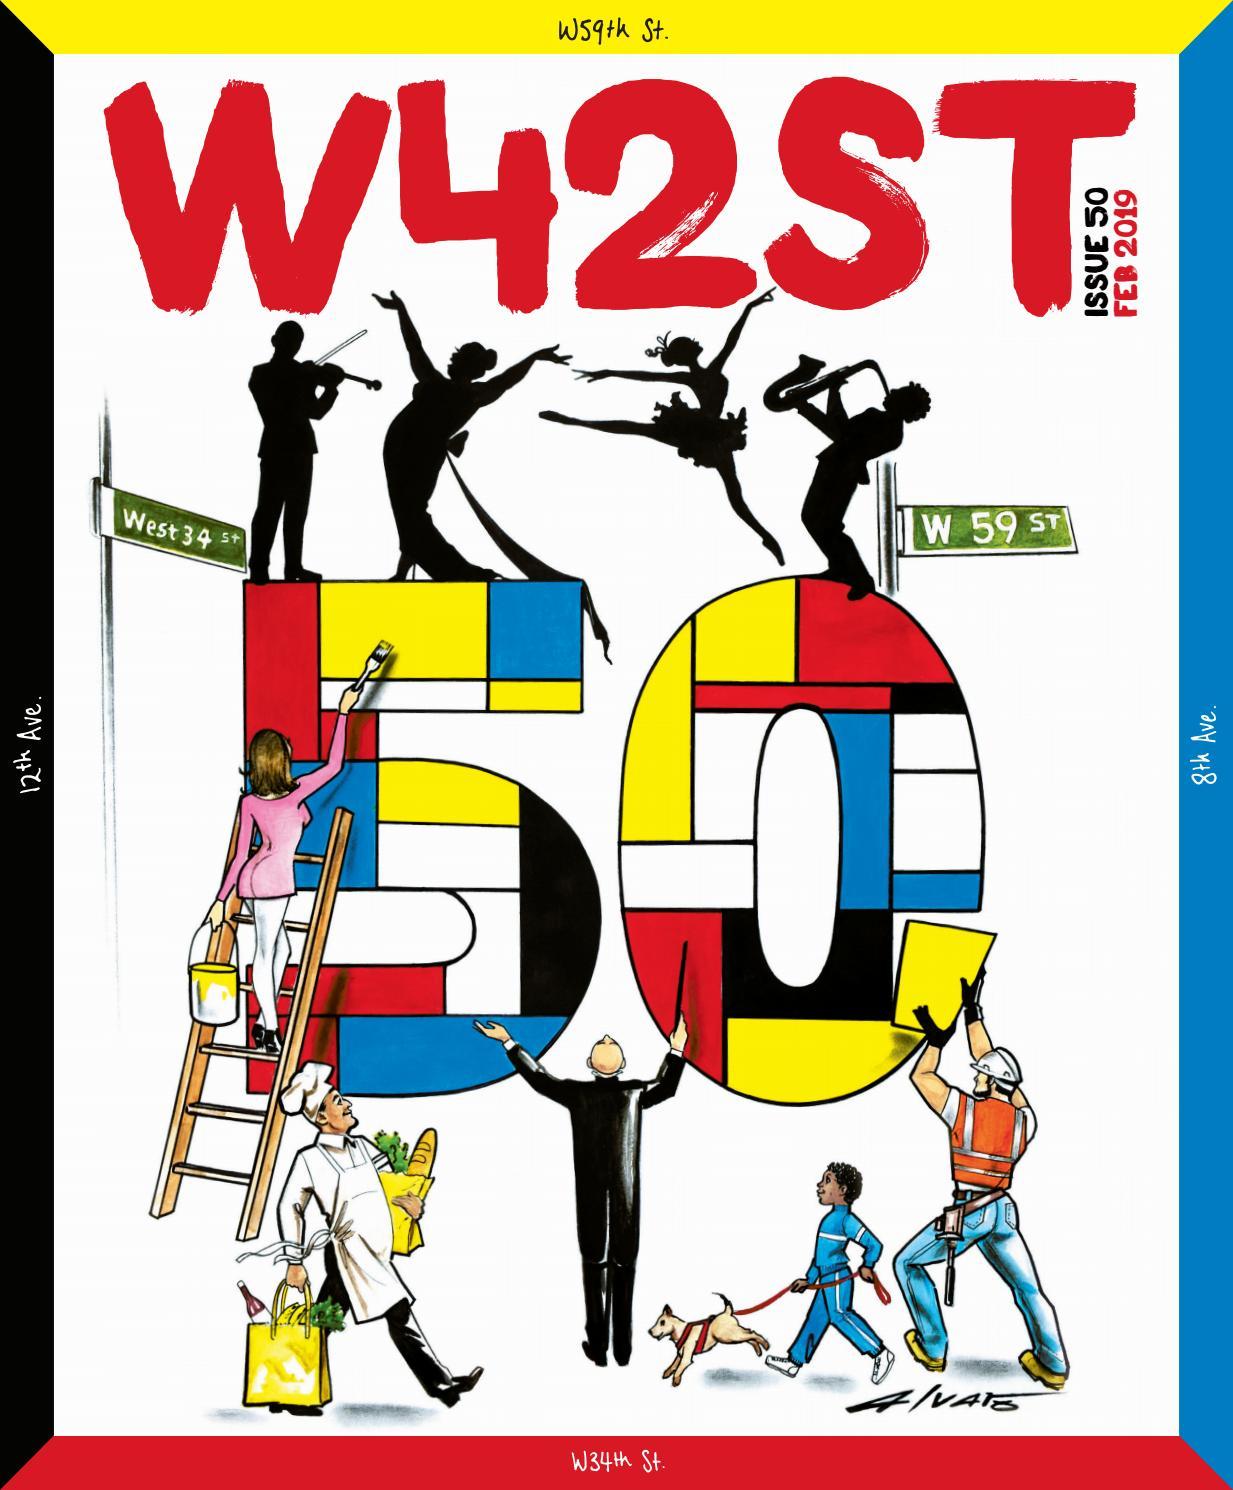 W42ST - The big 50 by W42ST Magazine - issuu